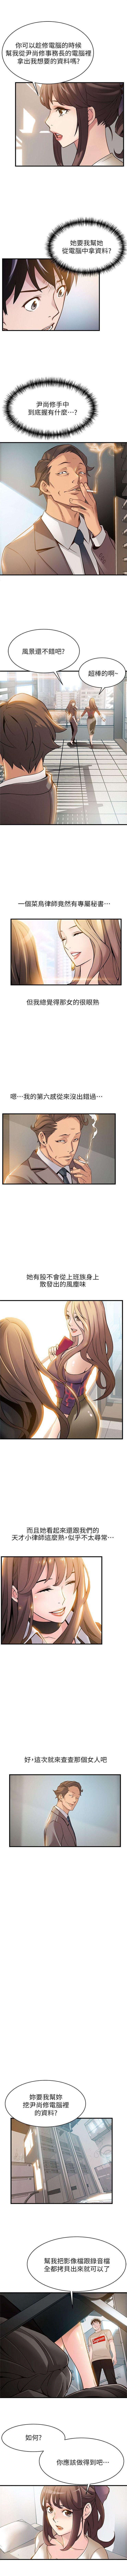 (周7)弱点 1-66 中文翻译(更新中) 50